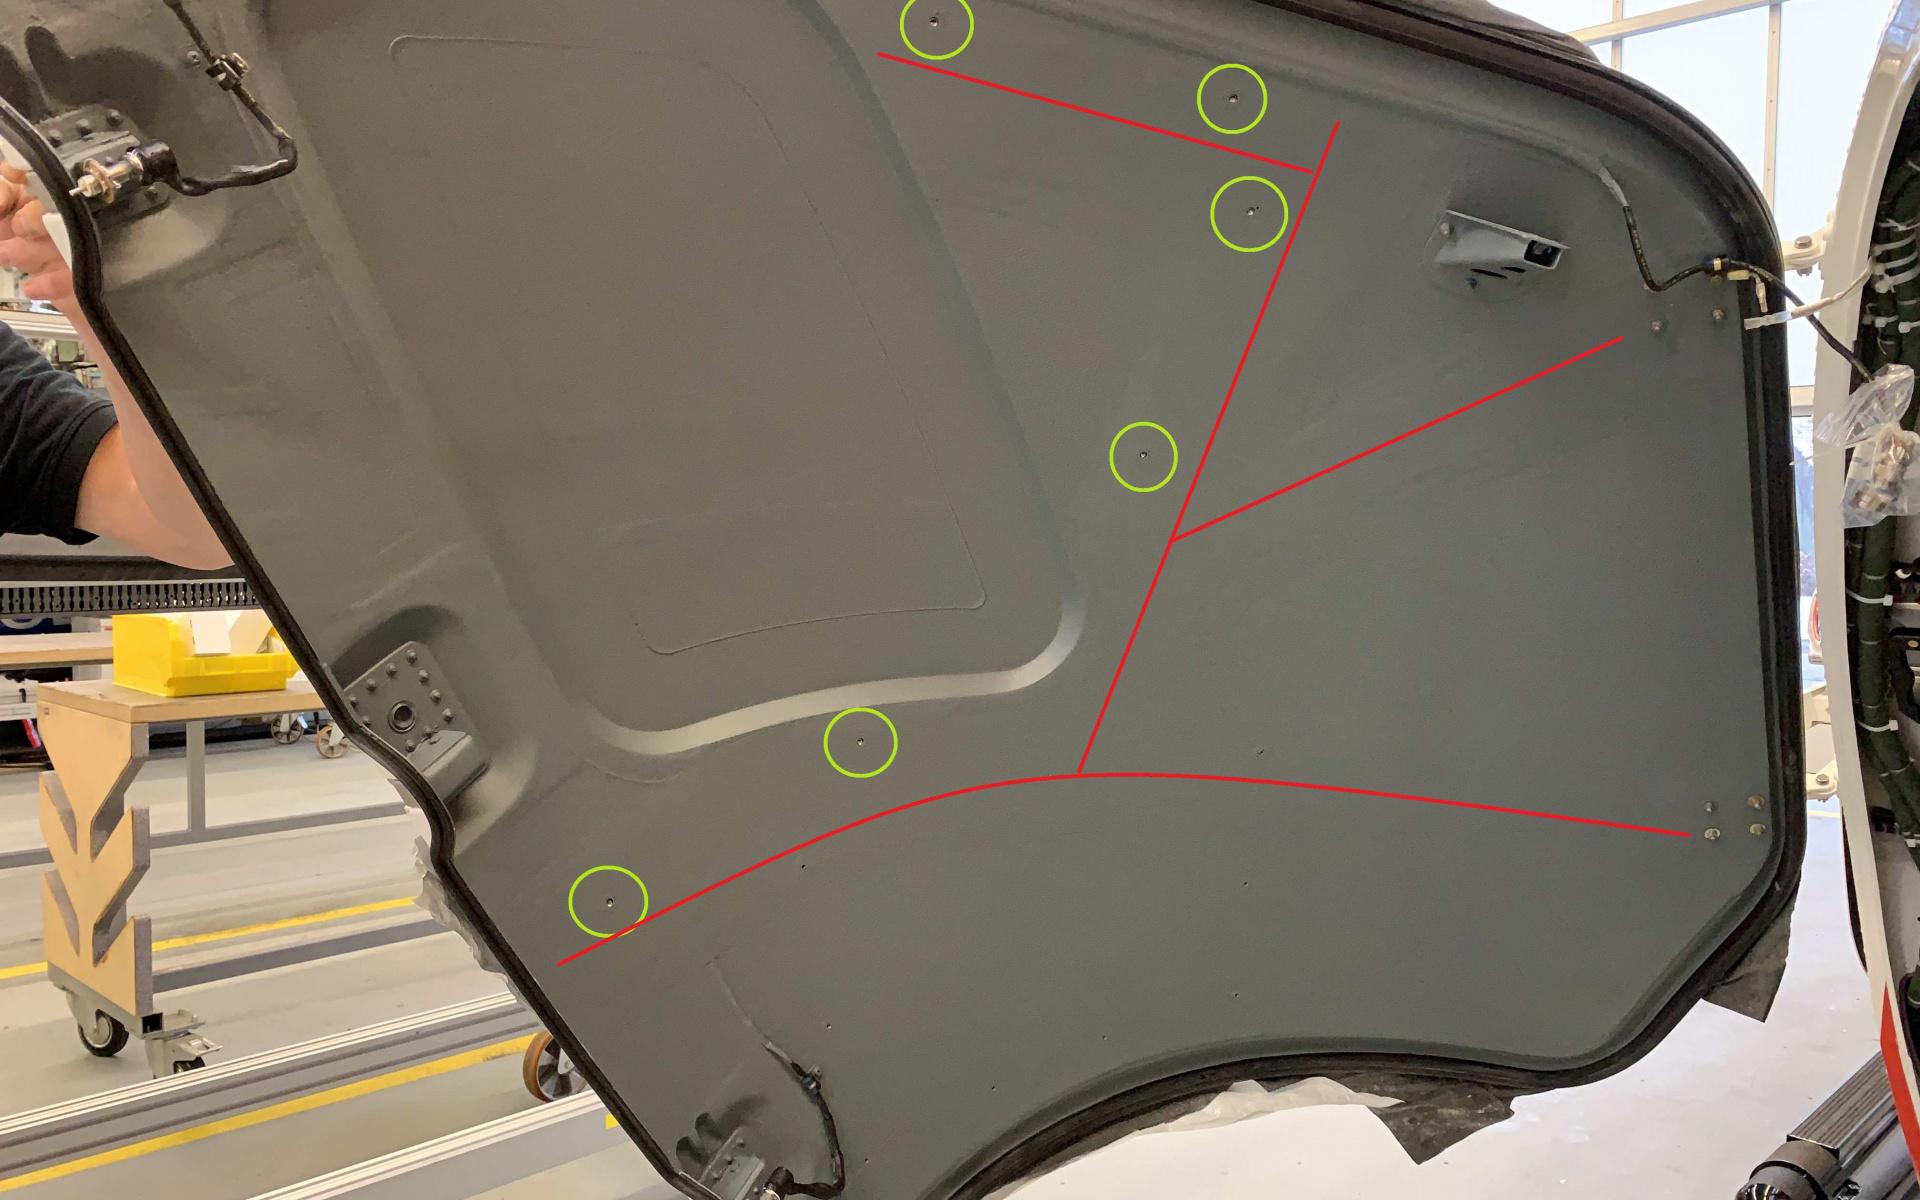 """Grüne Kreise: Hier wurden """"Inserts"""" für die Befestigung des Hecktürkastens verbaut. Rote Linien: Hier wurde eine Verstärkung einlaminiert, um die Hecktür steifer zu machen."""